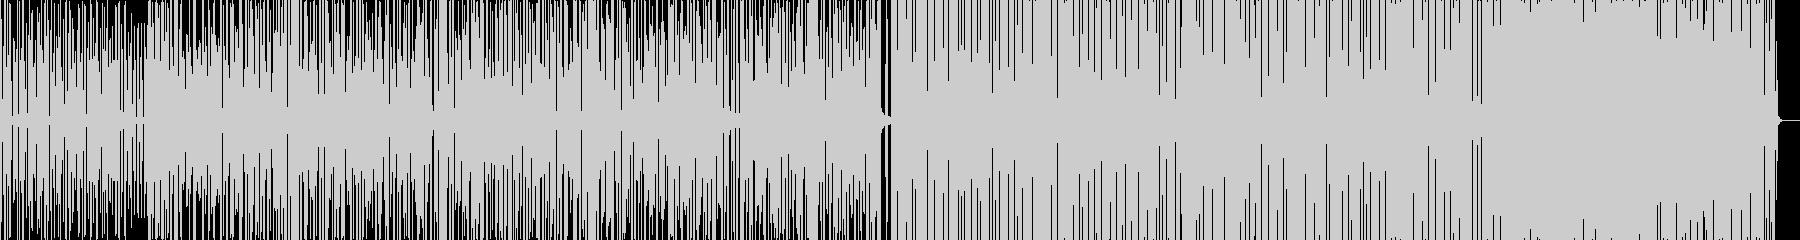 やや遅めのEDM系BGMの未再生の波形